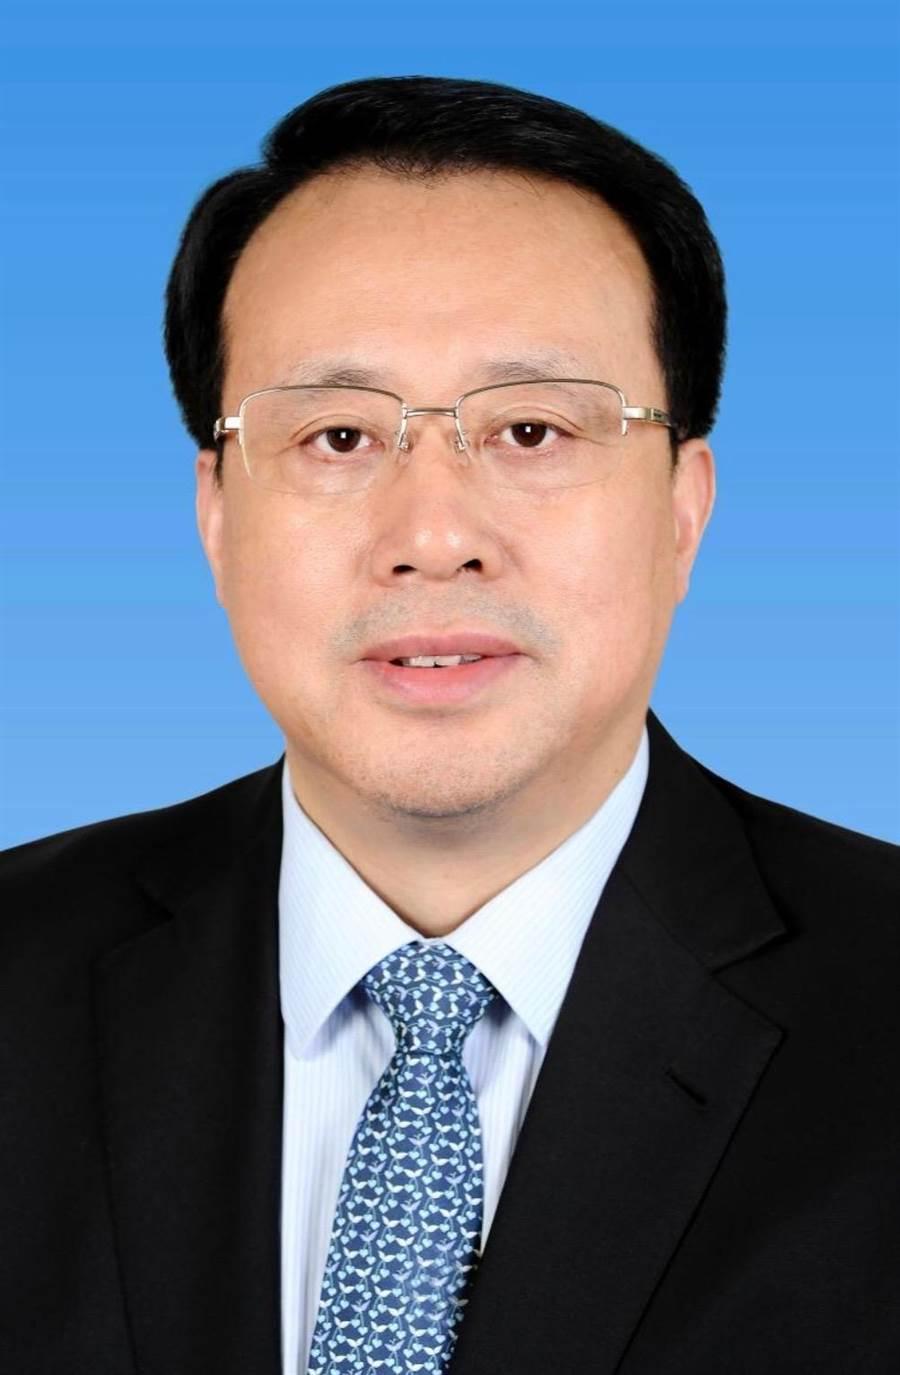 龔正當選上海市市長(新華社)